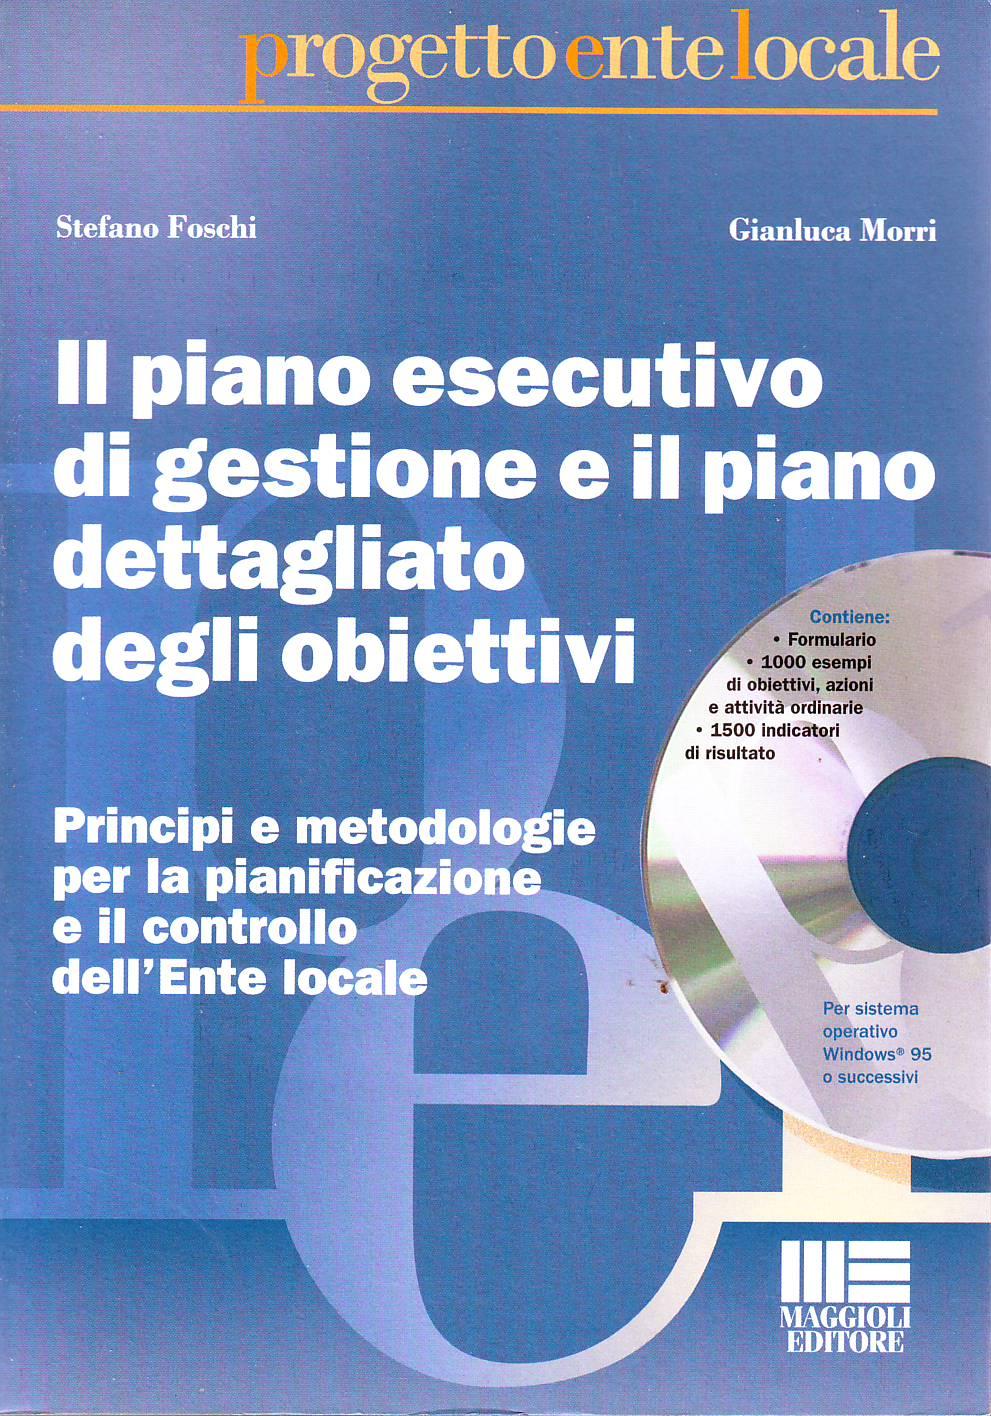 Il piano esecutivo di gestione e il piano dettagliato degli obiettivi